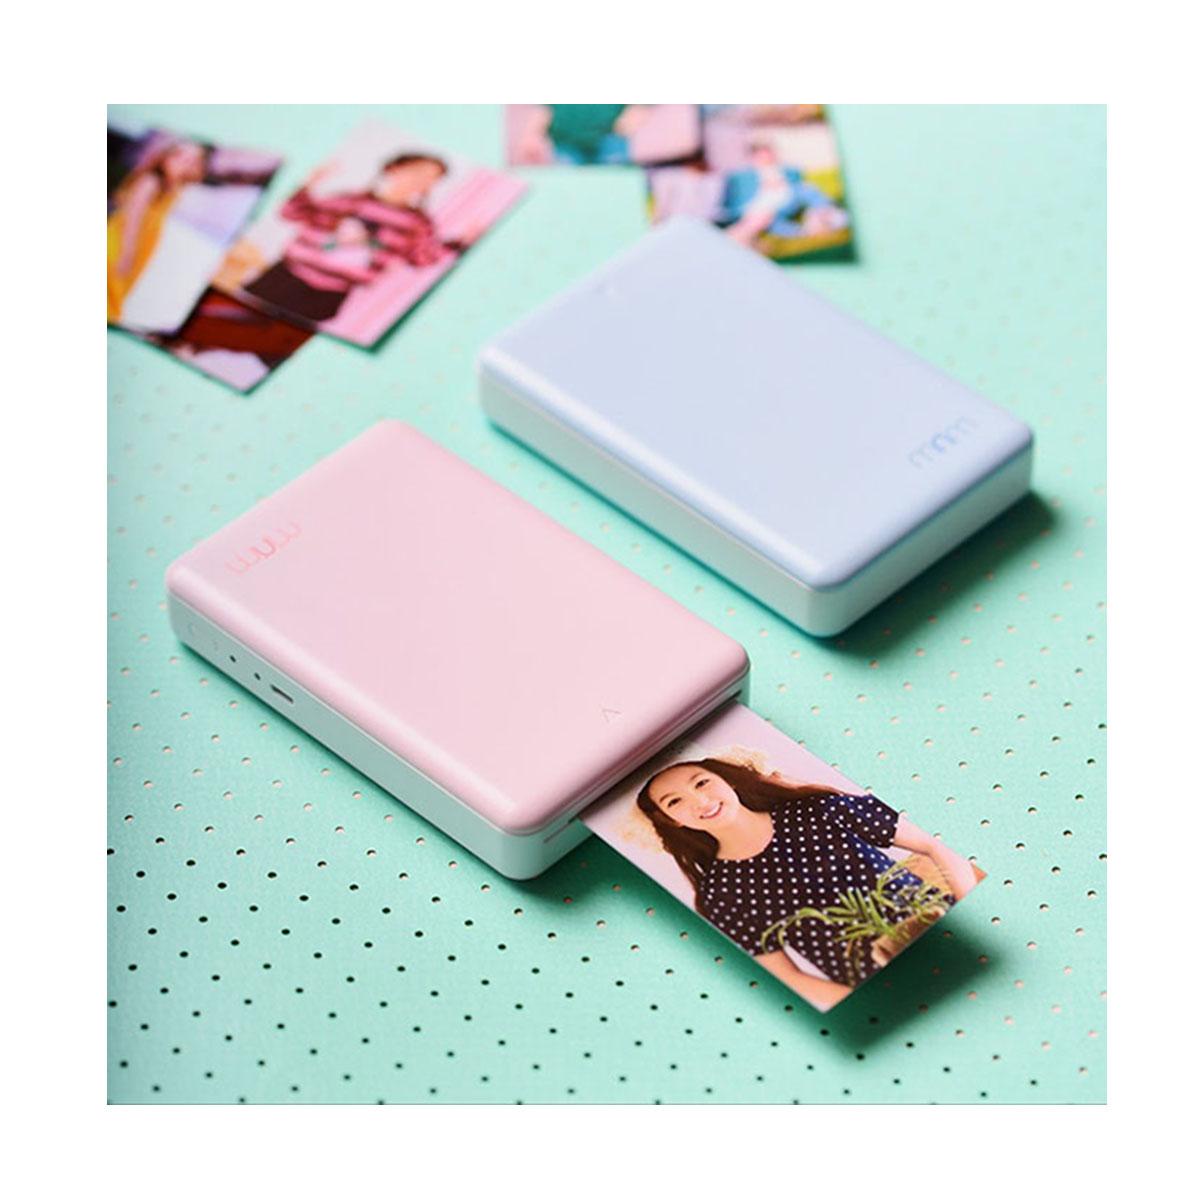 포토프린터 미니미(ZINK타입) minimi R20 (인화지 10매포함) + 충전 케이블, 핑크, 블루, 300개